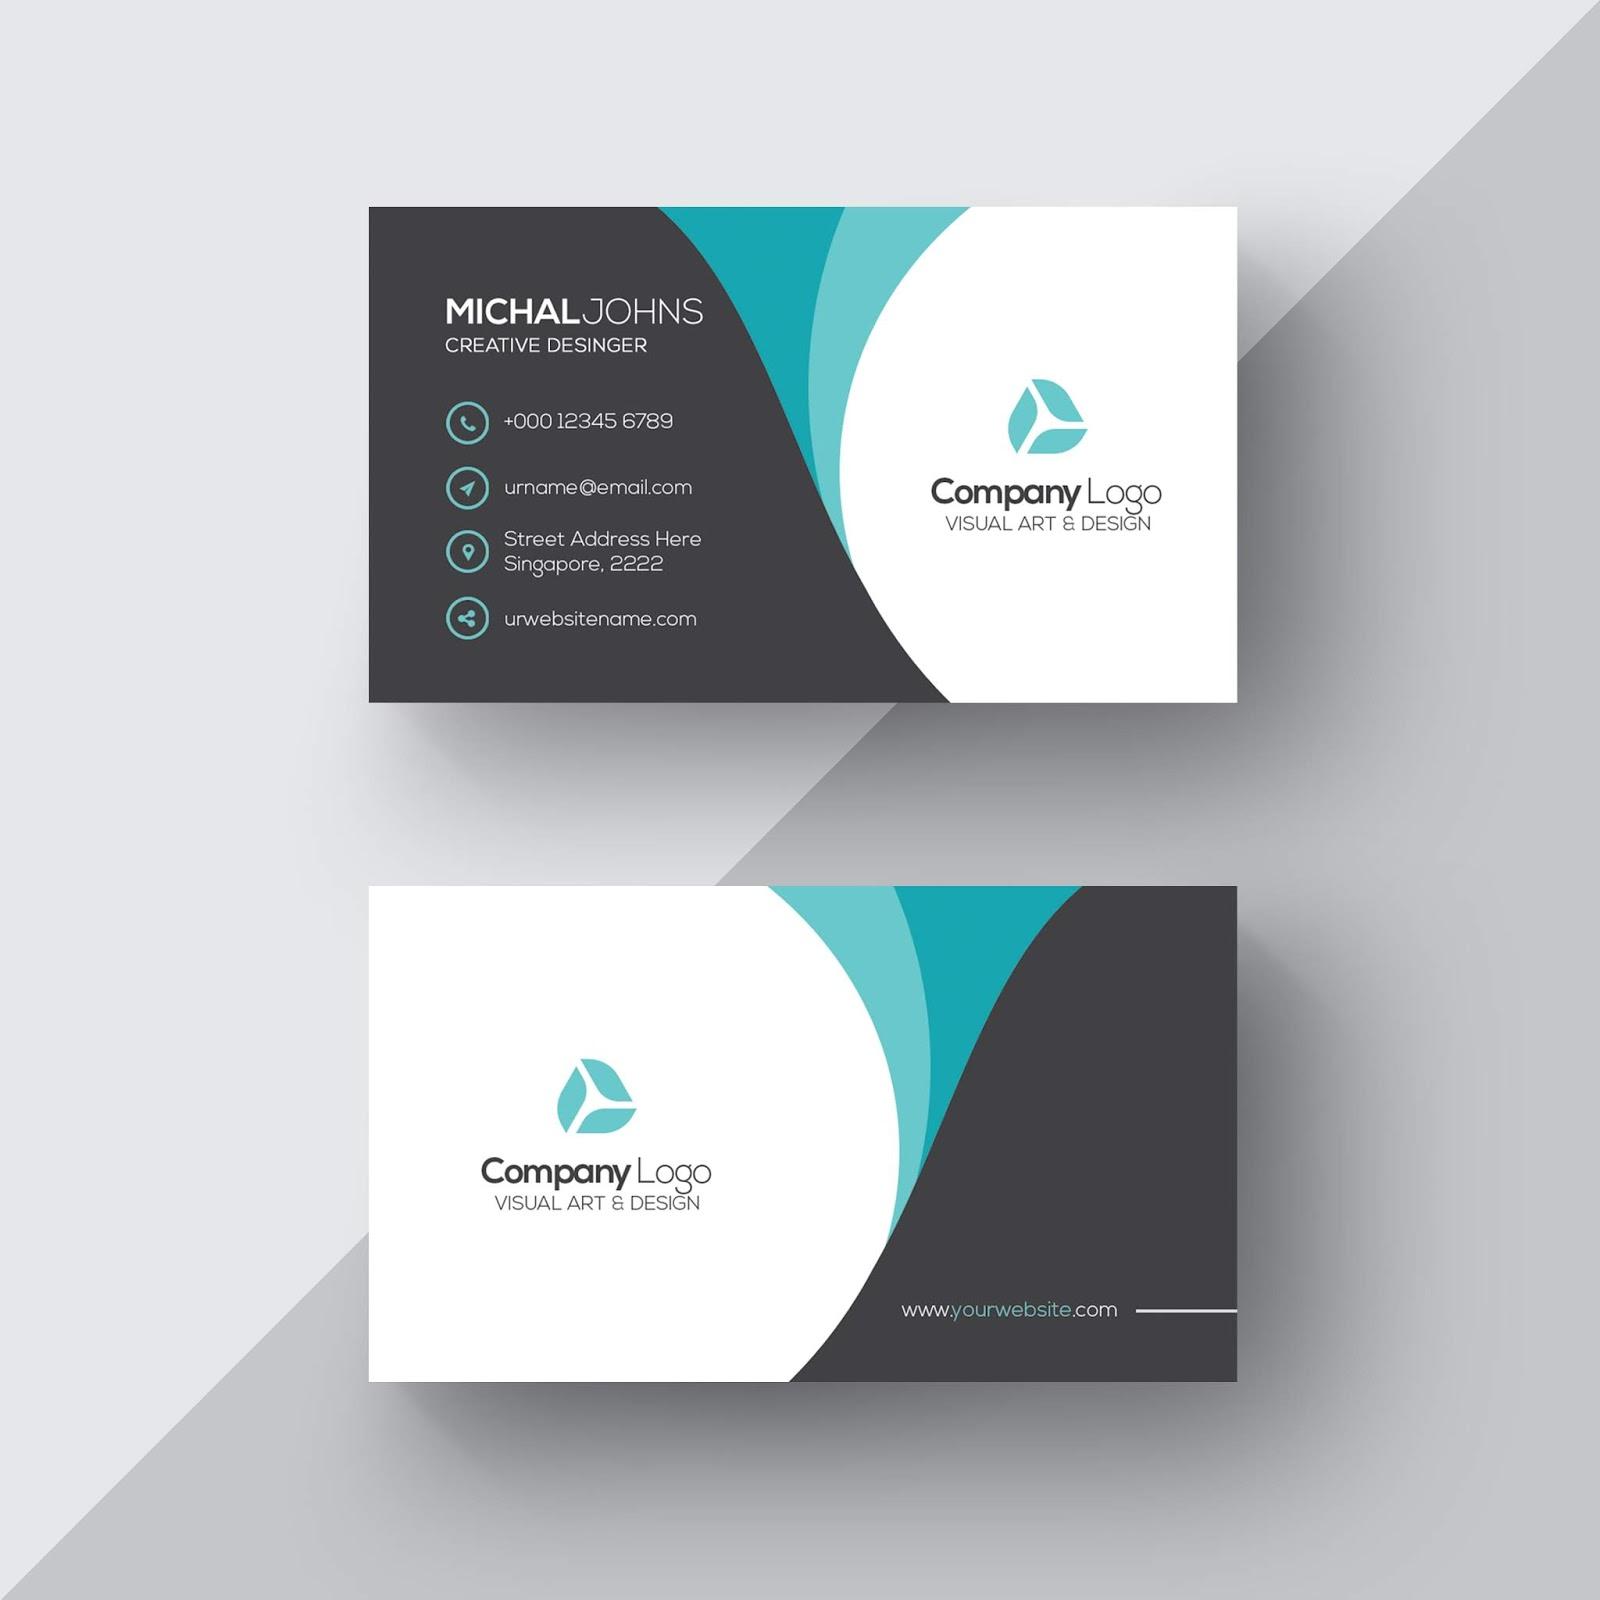 تحميل ملف Psd Business Card جاهز للتعديل على الفوتوشوب Elegant